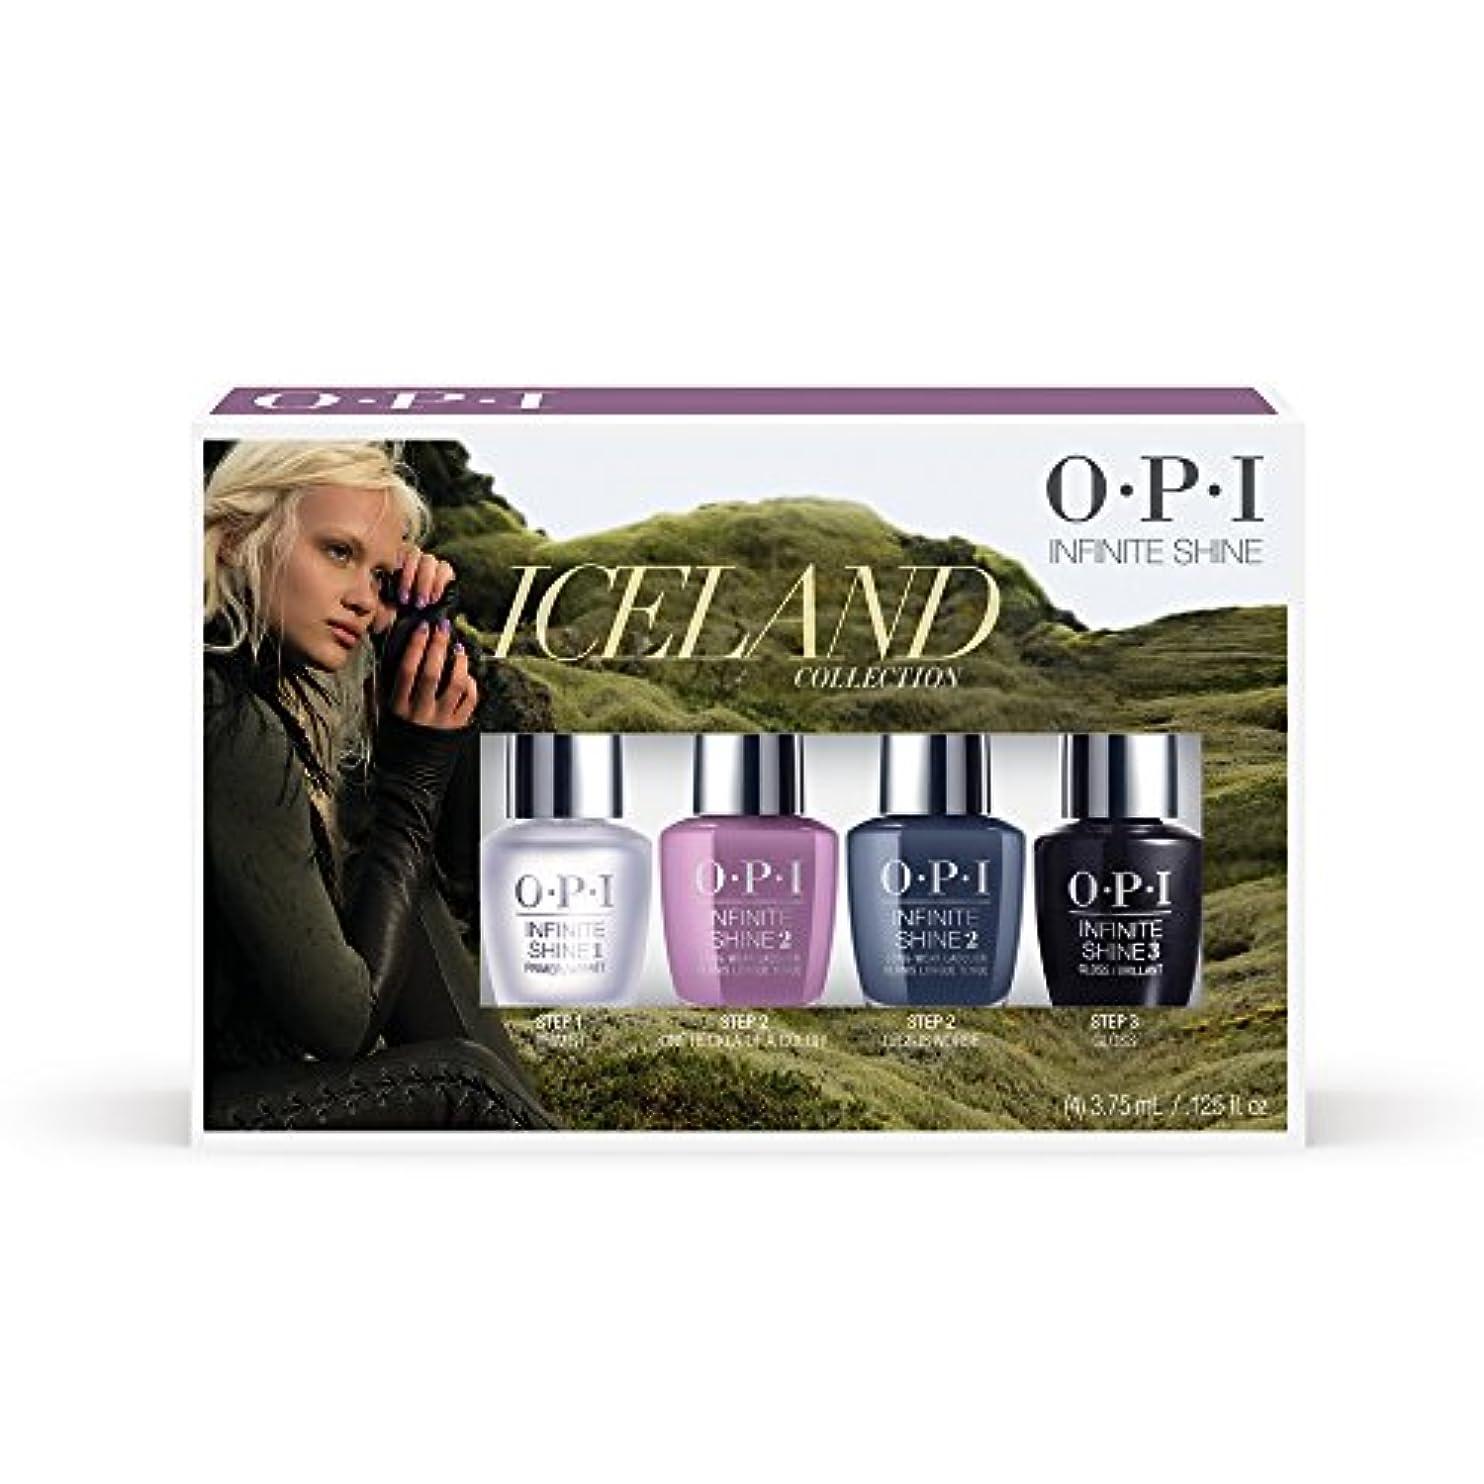 酒殉教者上げるOPI(オーピーアイ) アイスランド コレクション インフィニット シャイン ミニパック